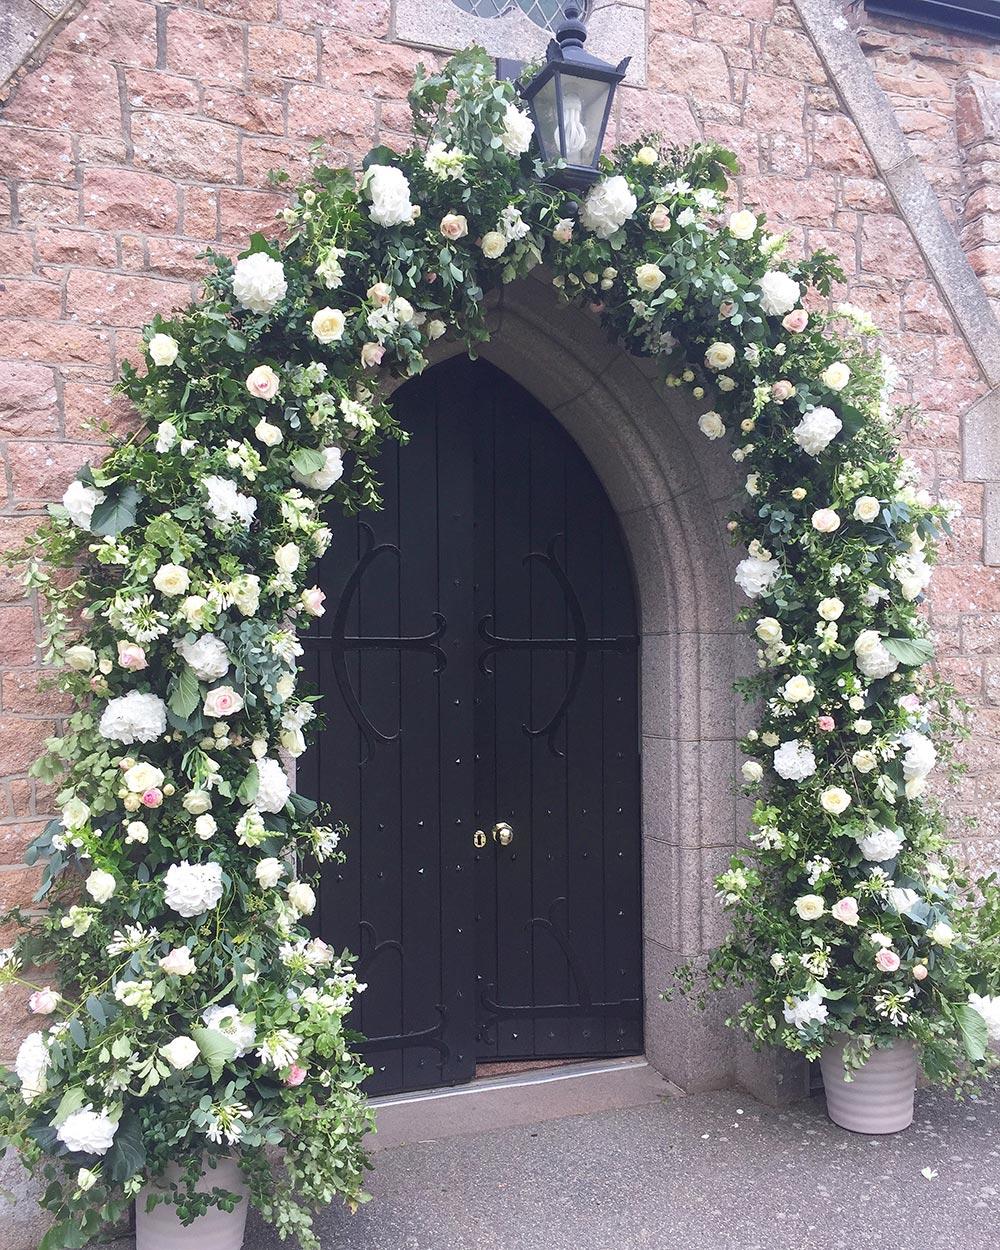 9-wilde-thyme-weddings-chruch-decor-wedding-arch-ivory-blush.jpg